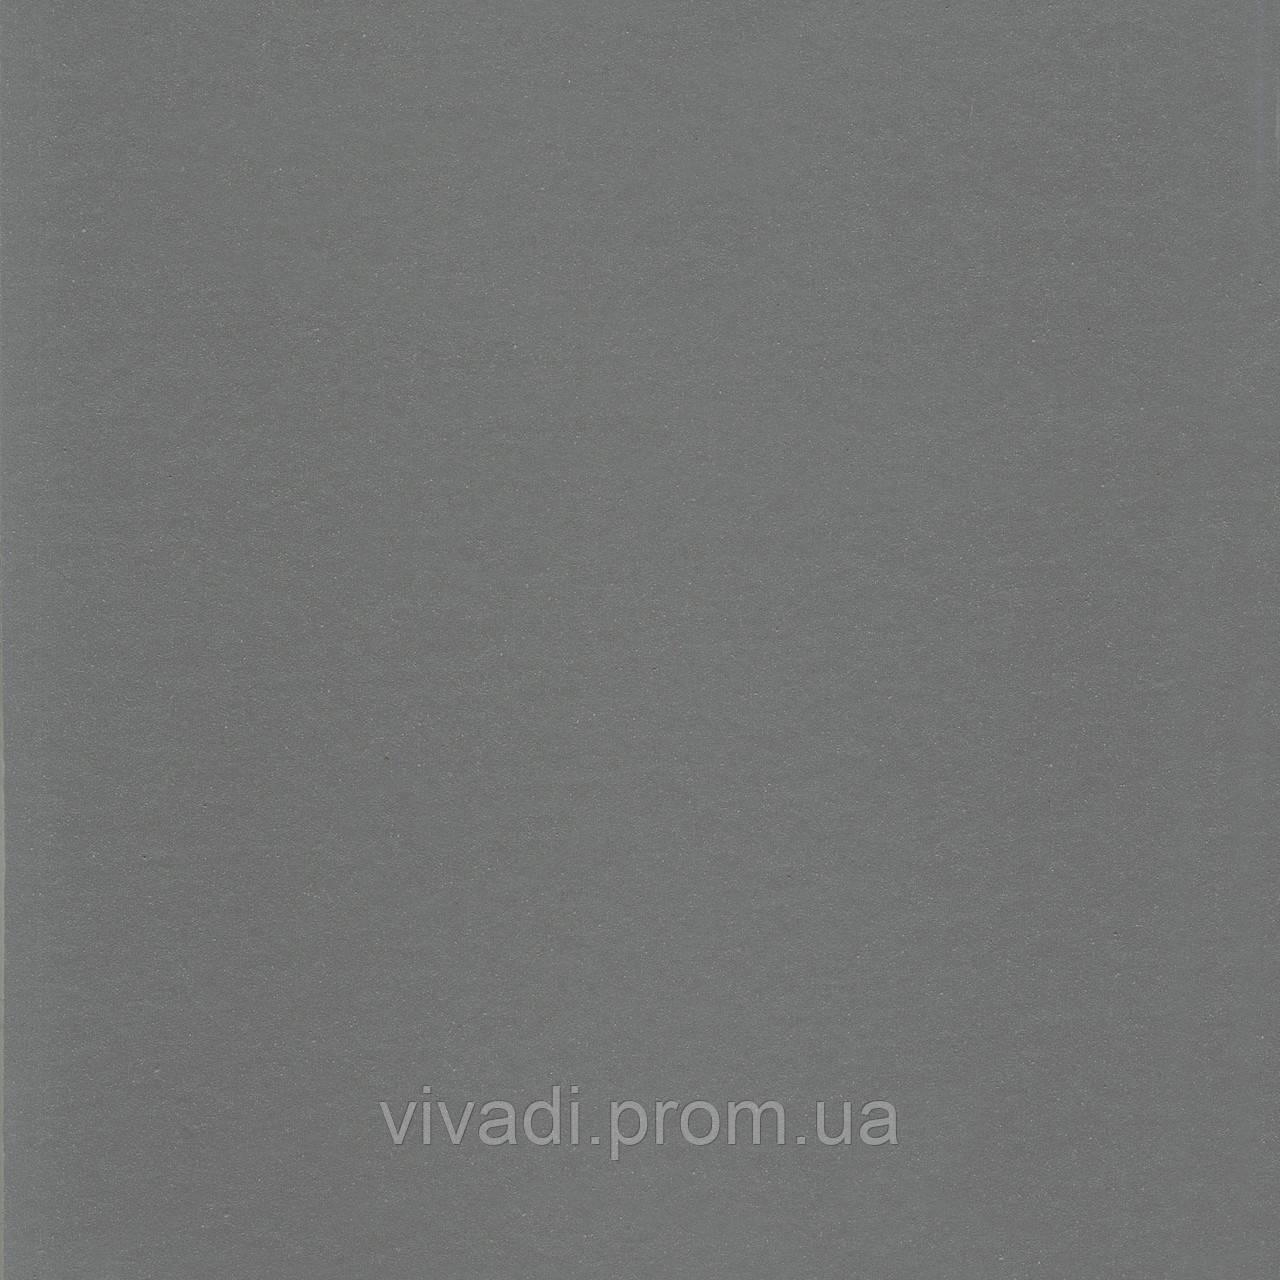 Натуральний лінолеум Uni Walton LPX - колір 101-083